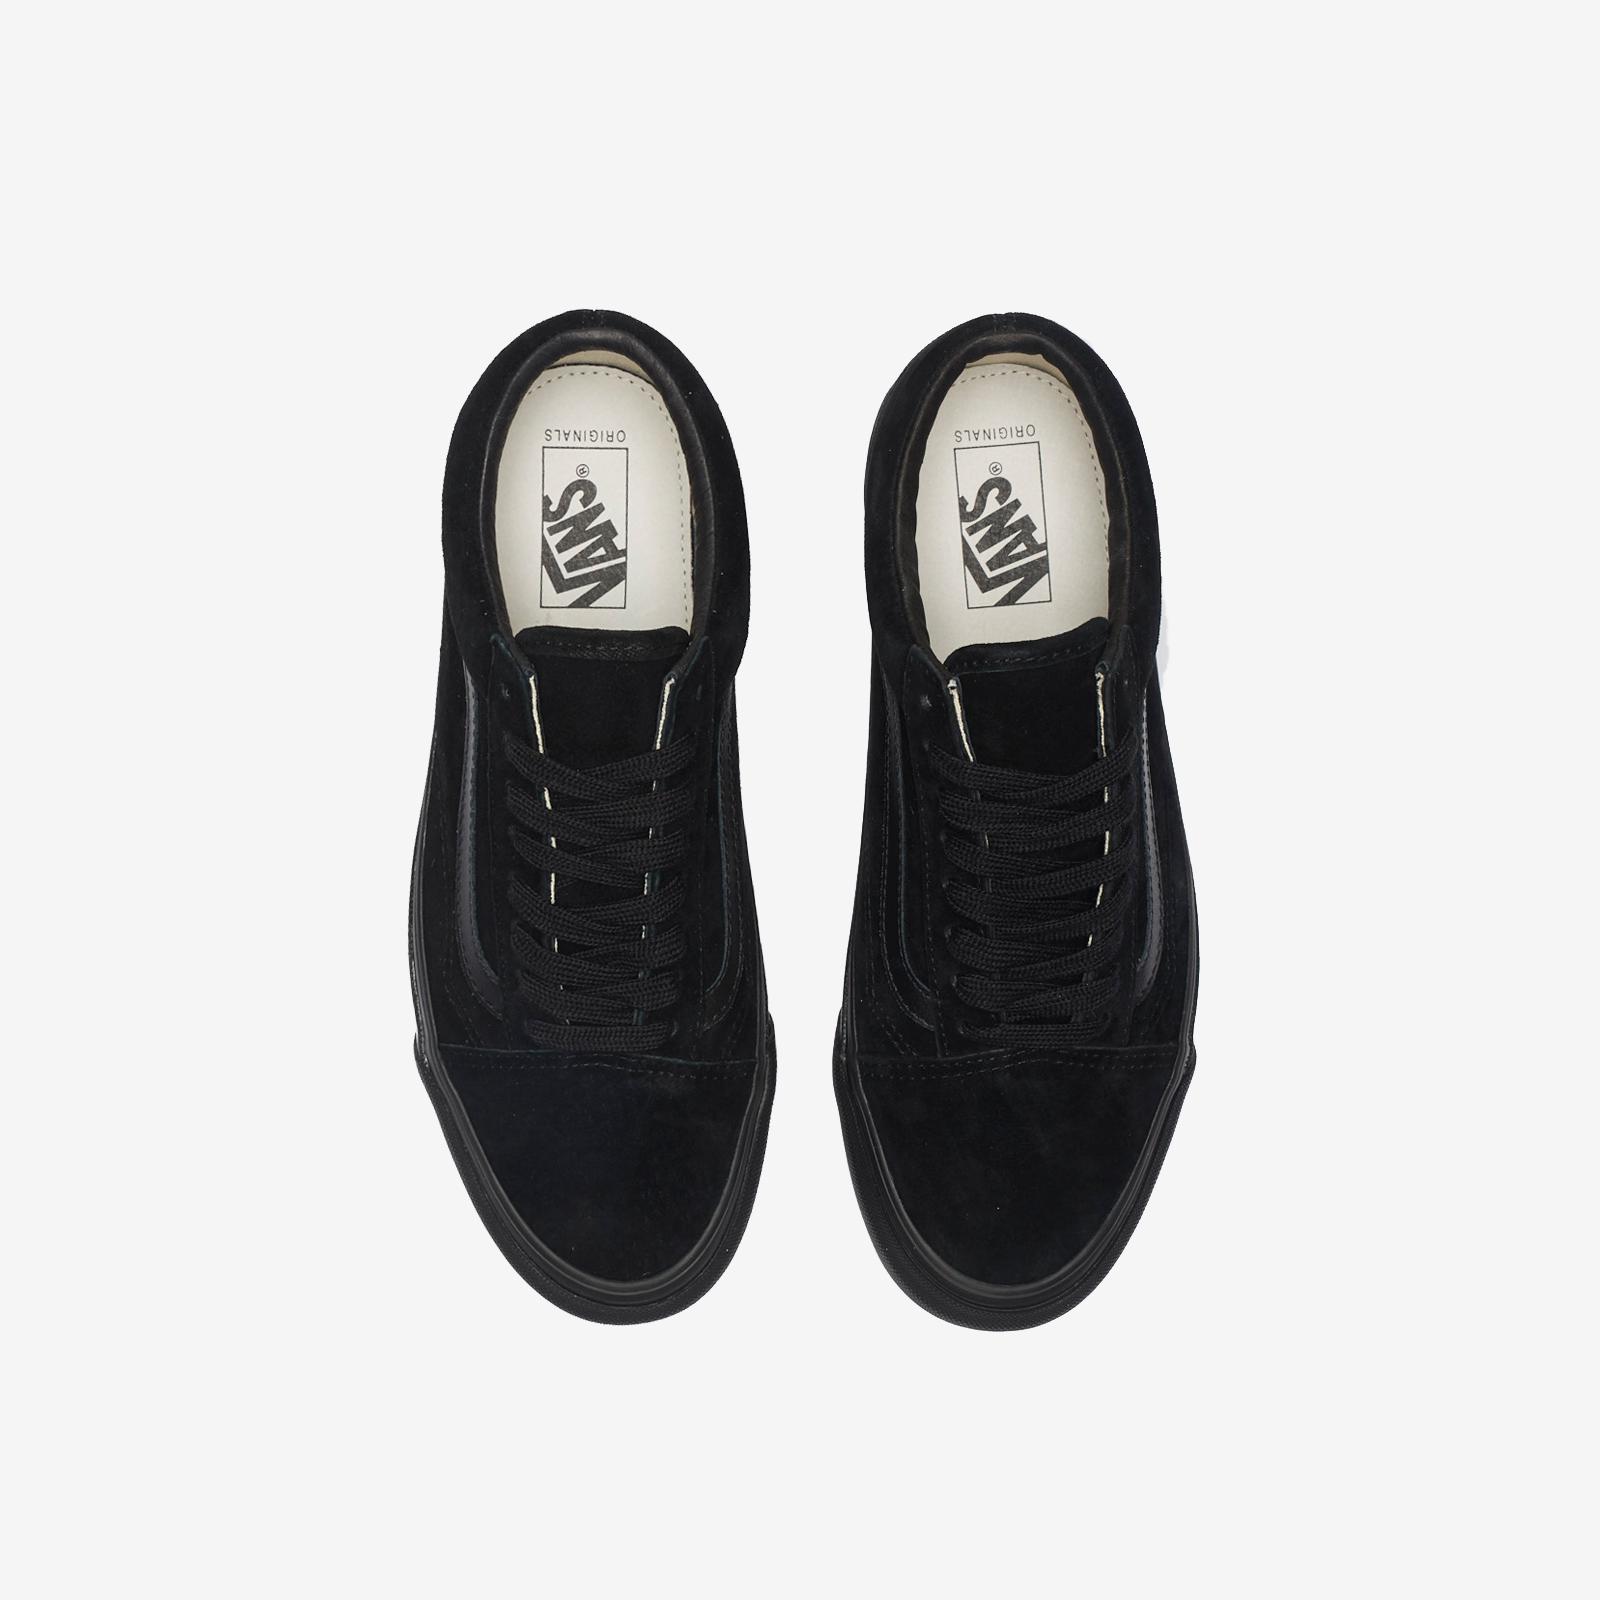 f81879e772 Vans OG Old Skool LX - Vn0a36c869e - Sneakersnstuff